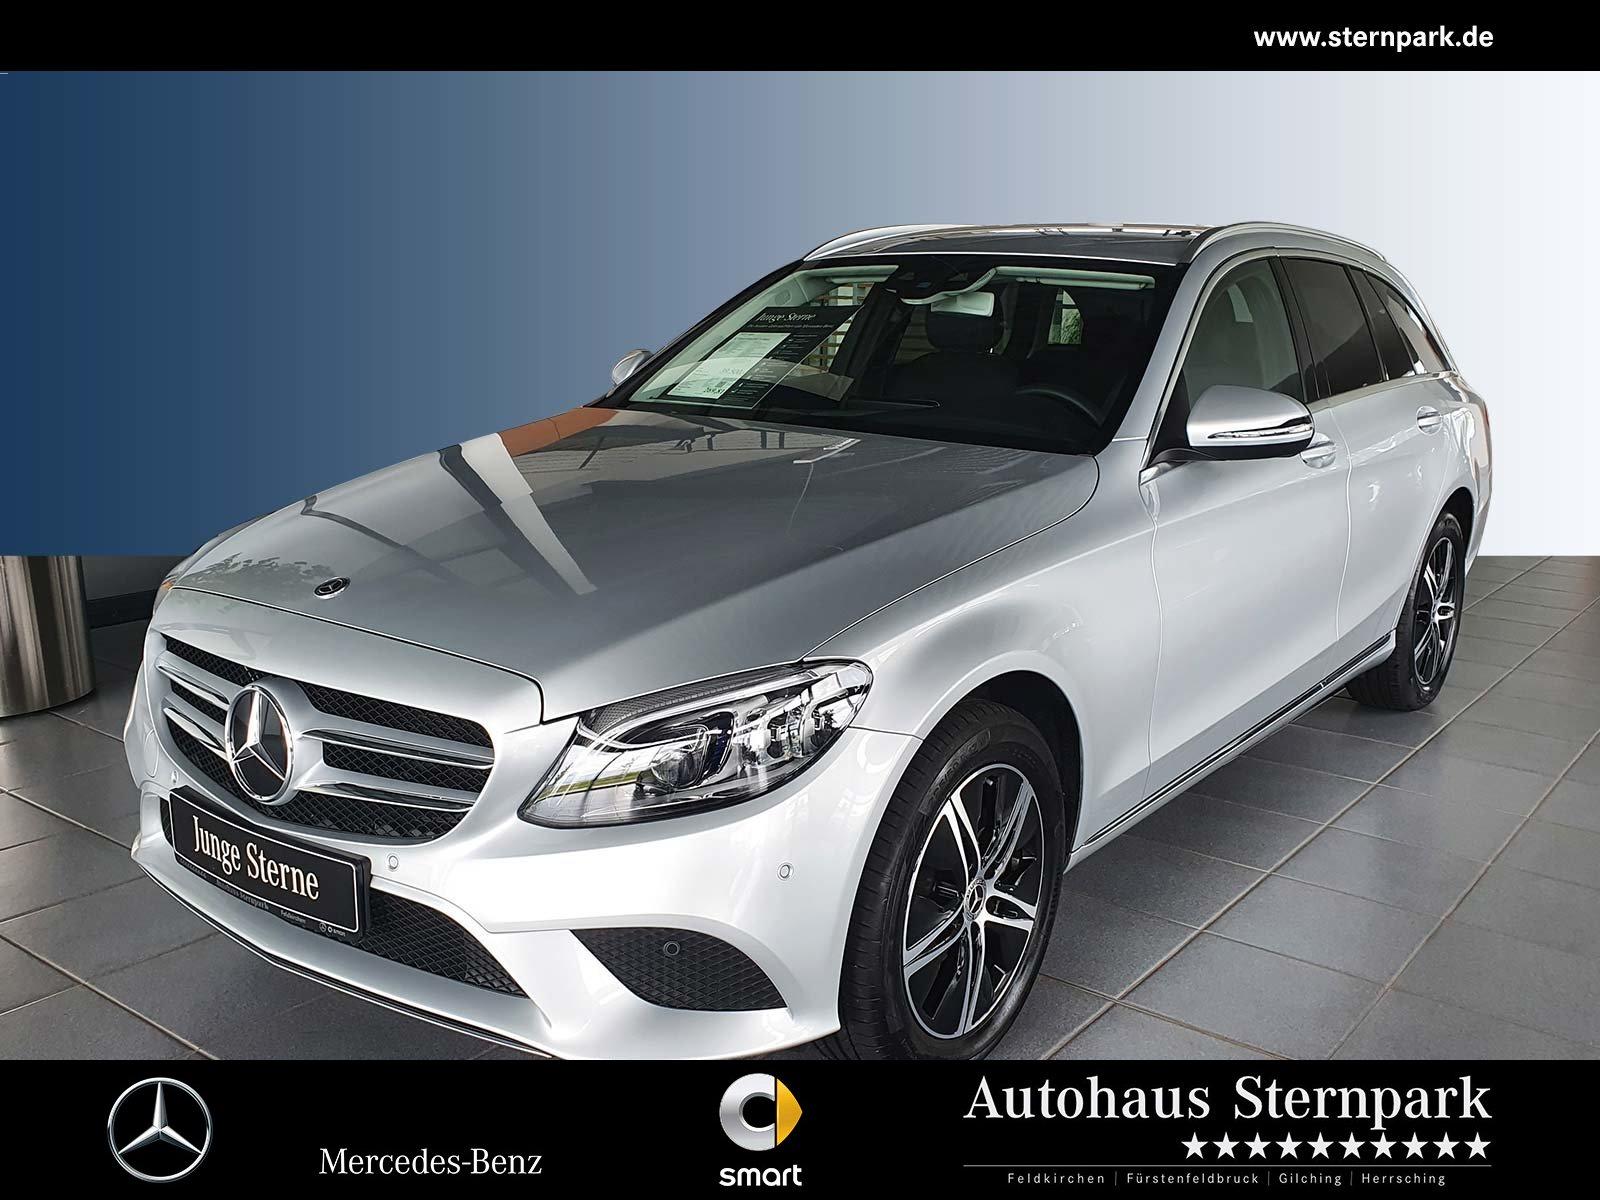 Mercedes-Benz C 220 d 4M T Avantgarde Comand+AHK+Memory+Standh, Jahr 2020, Diesel